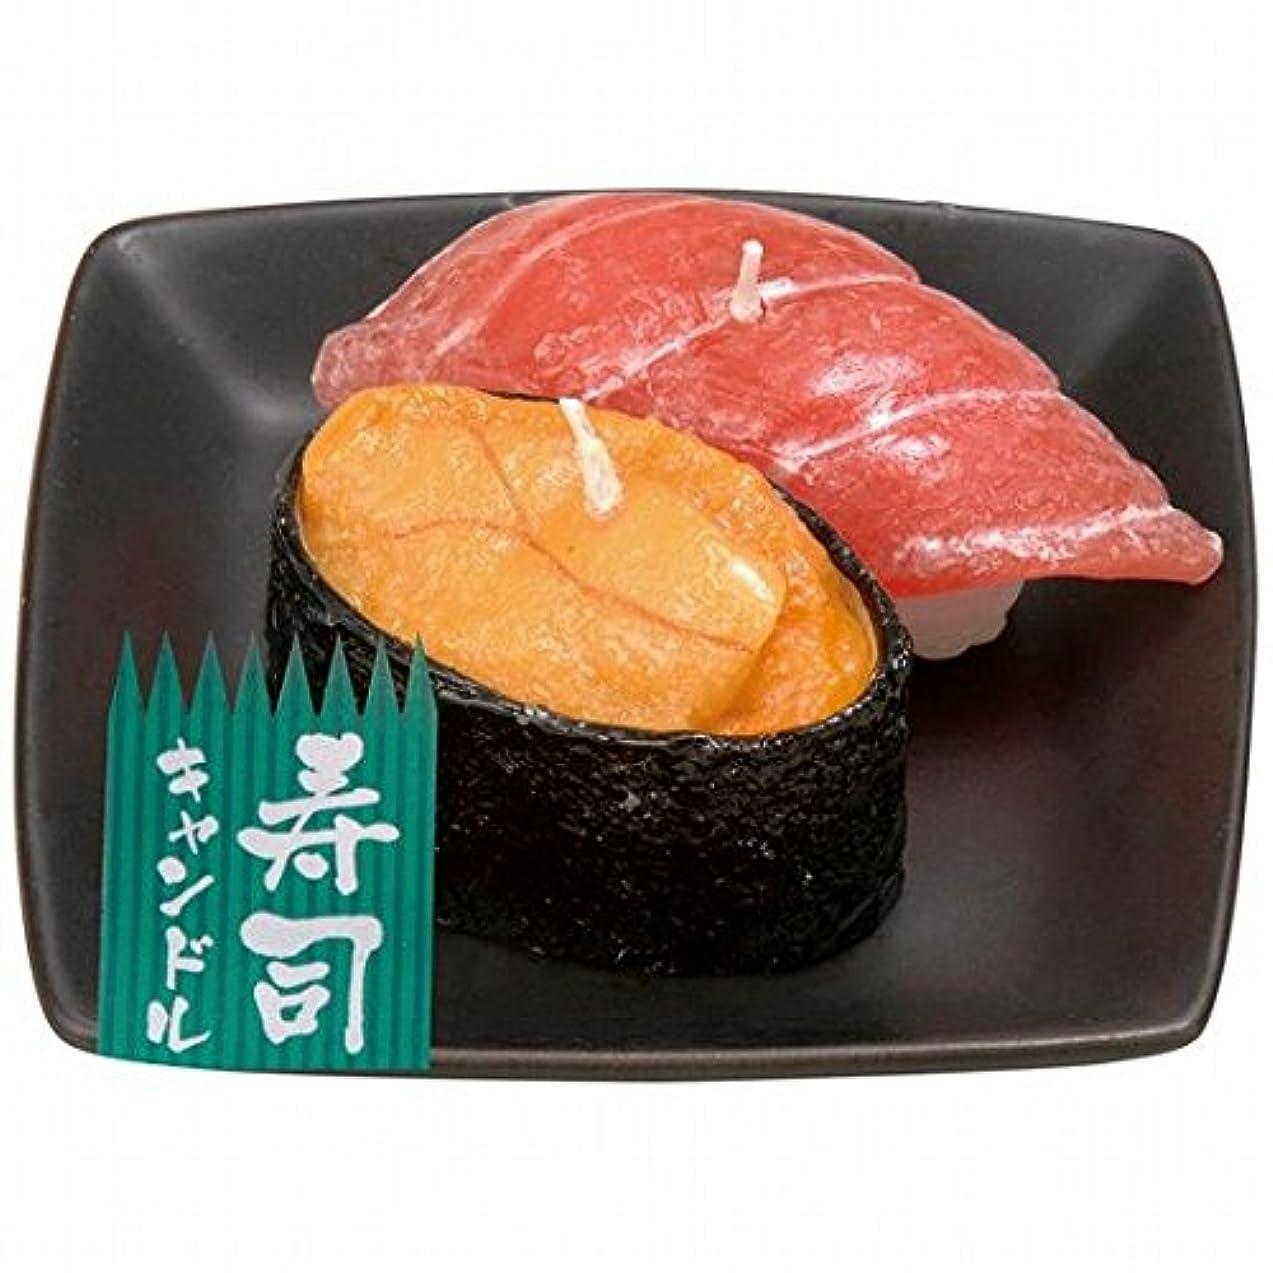 起きてめまい移住するカメヤマキャンドル(kameyama candle) 寿司キャンドルC(ウニ?大トロ)